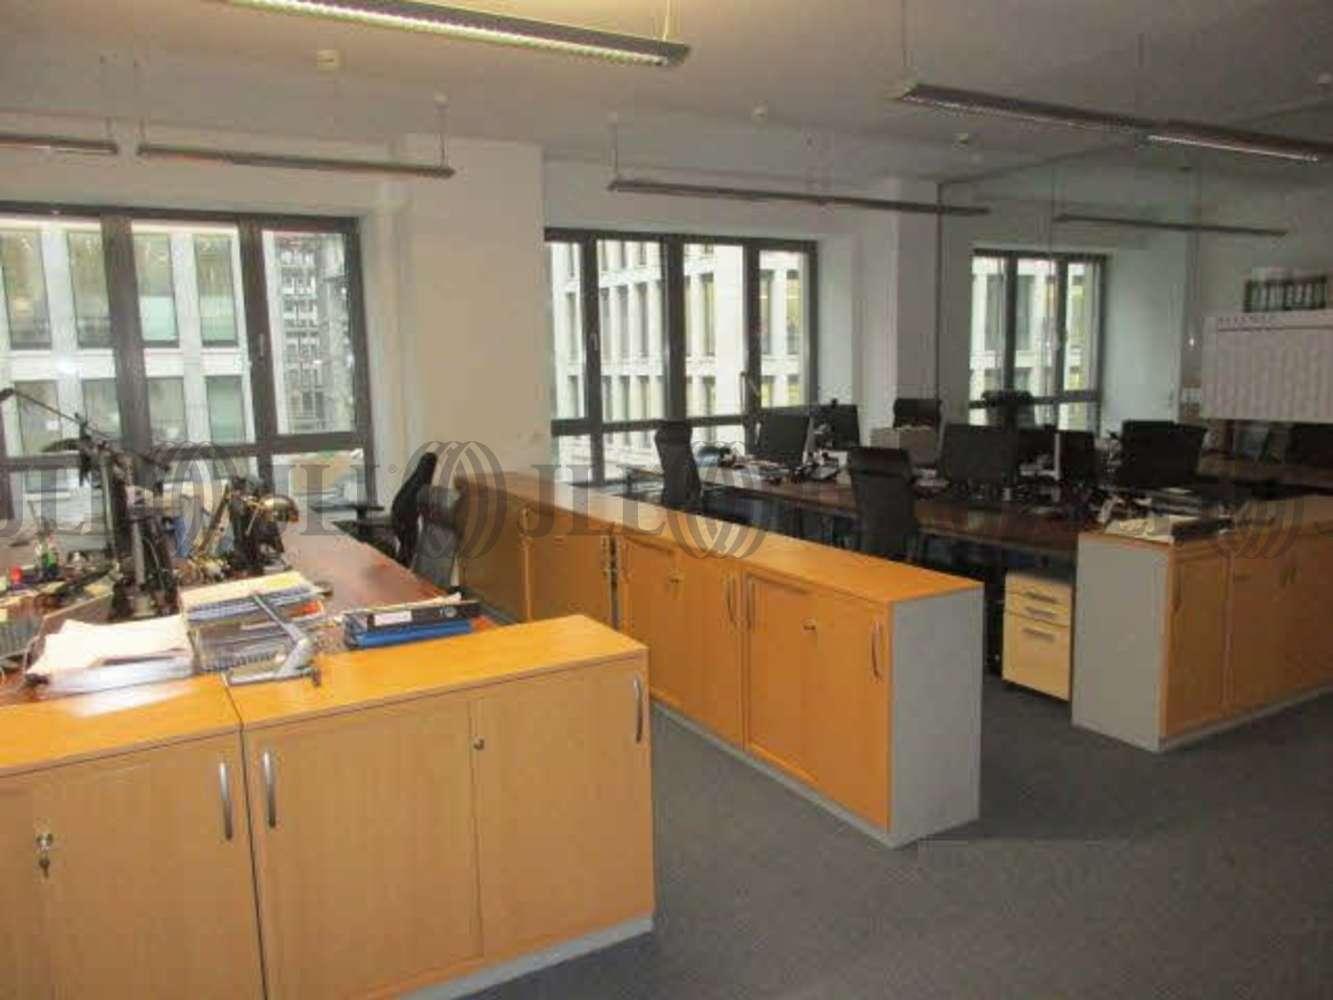 Büros Frankfurt am main, 60311 - Büro - Frankfurt am Main, Innenstadt - F1392 - 10563682